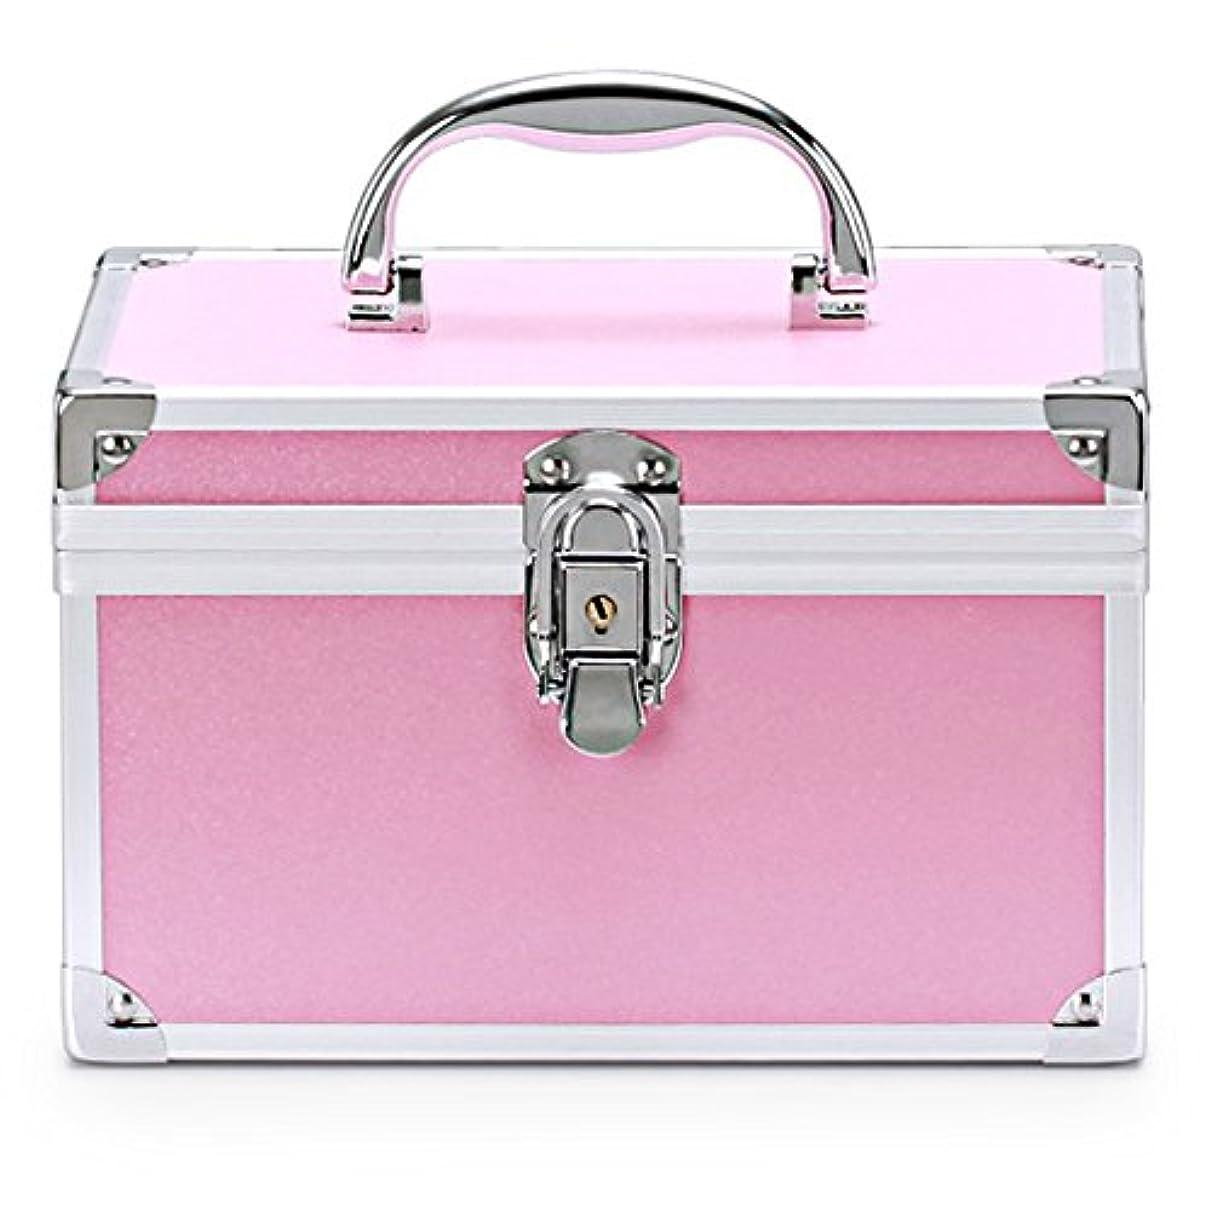 静脈演劇純度メイクボックス 人気 コスメボックス 鏡付き 大容量 かわいい アルミ化粧ボックス プロ 持ち運び (L, ピンク)